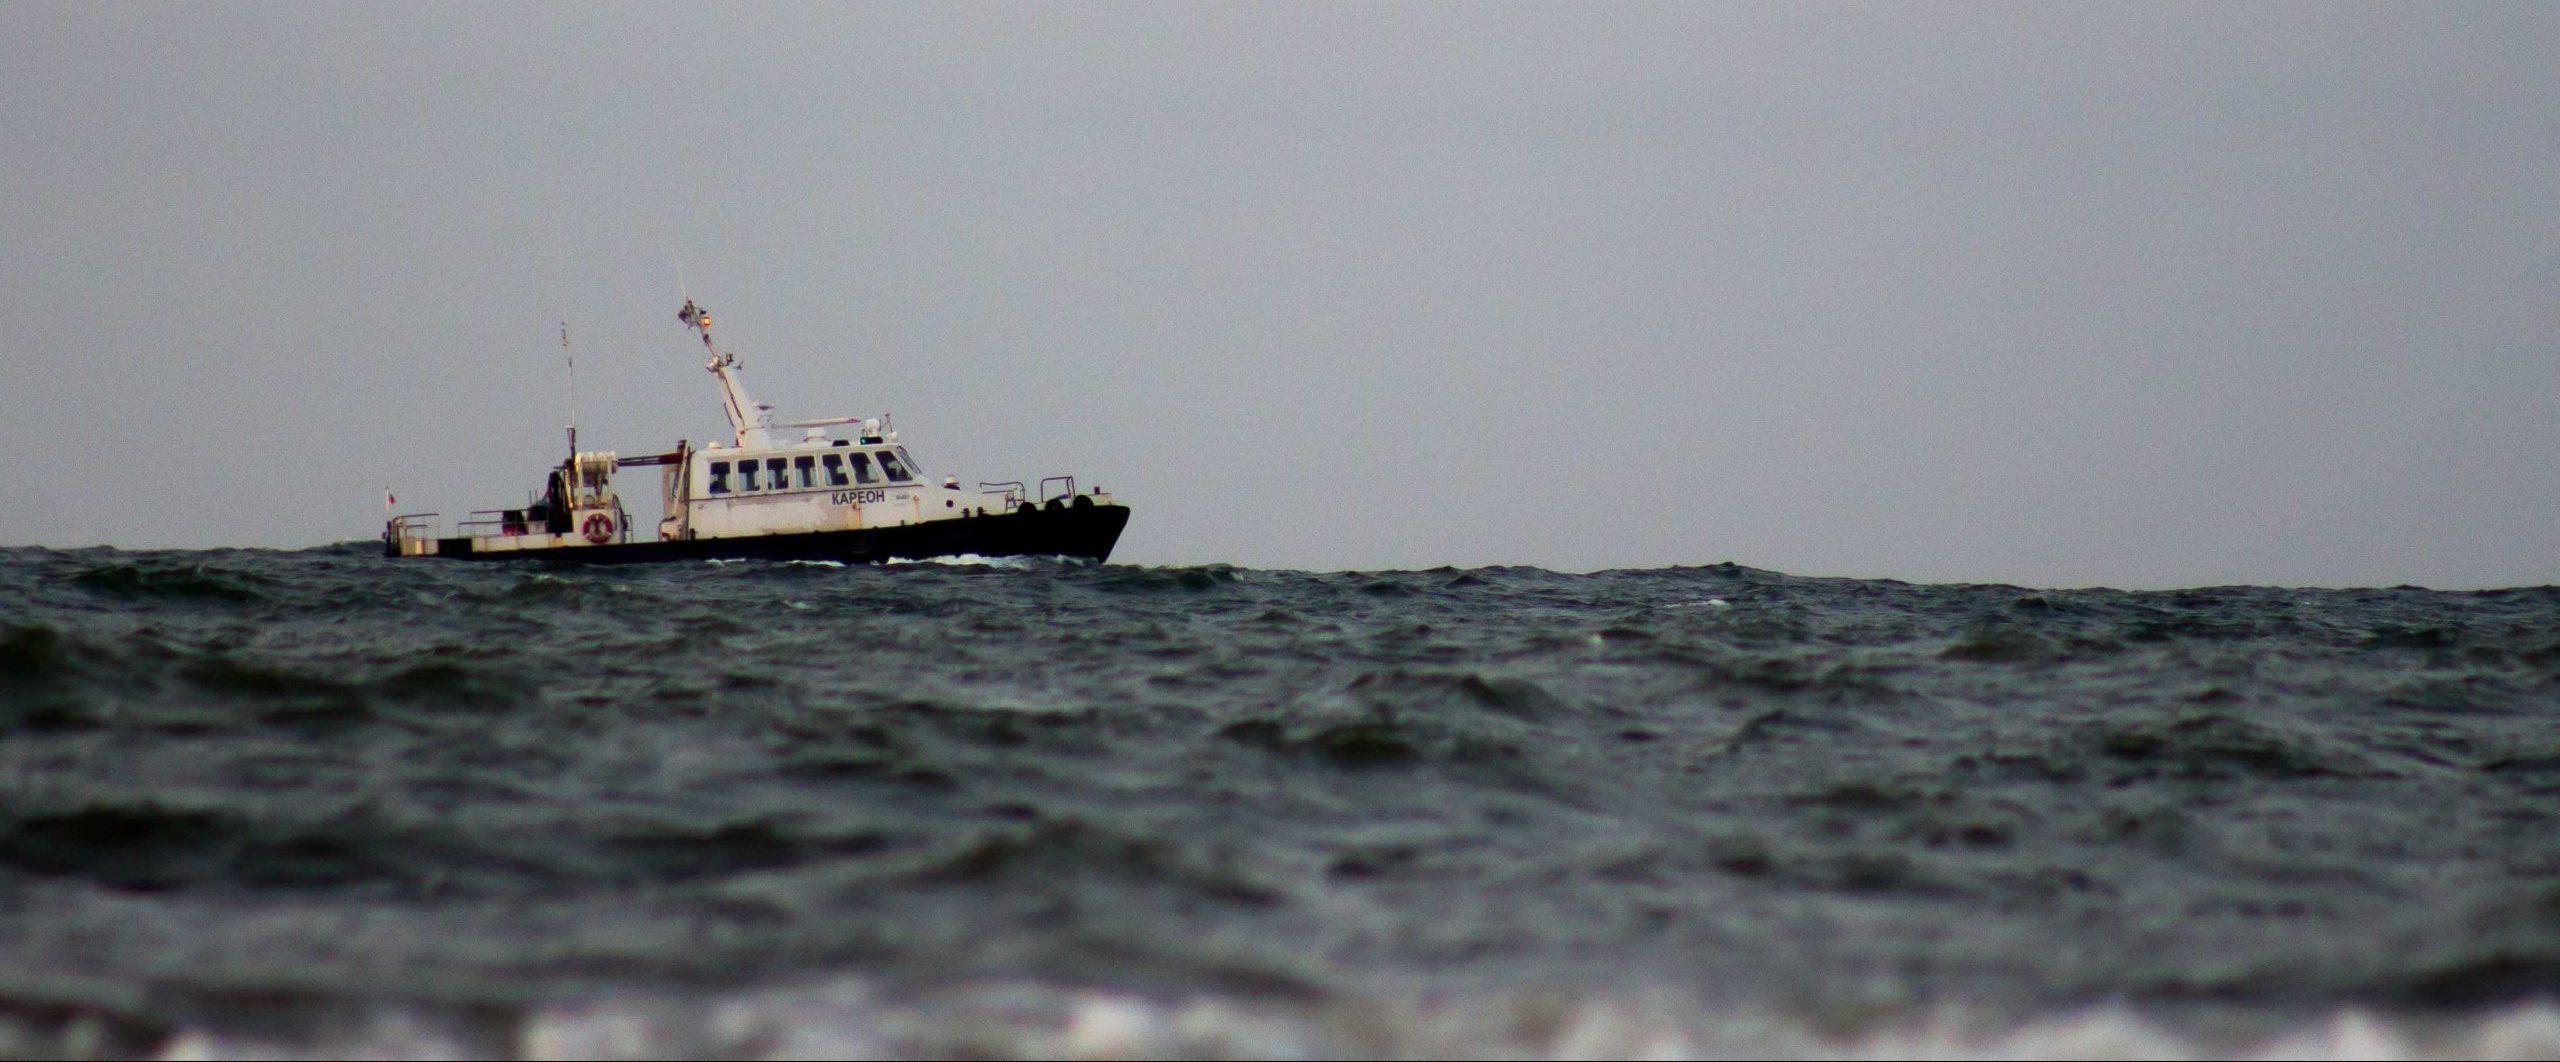 båd, fiskeri, hav, ocean, vand